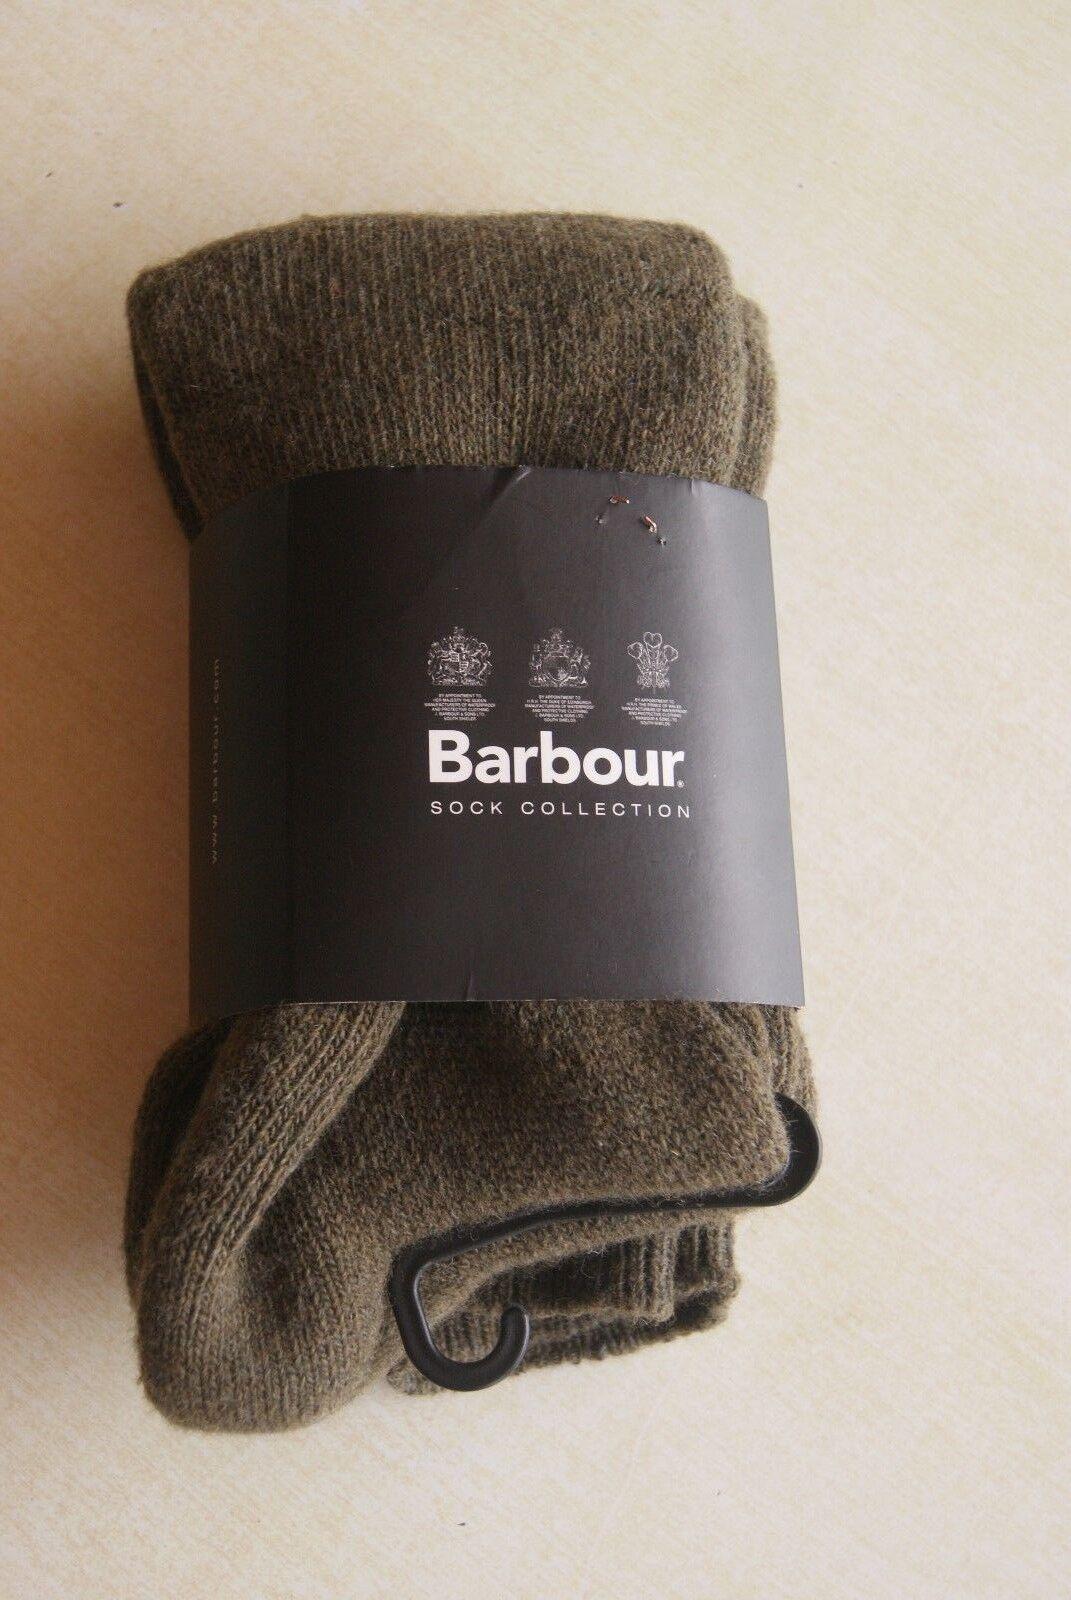 Barbour Wellington Chaussettes genou Vert Olive taille 36 / € 38 étiquetée 34.95 € / 2f8e3b